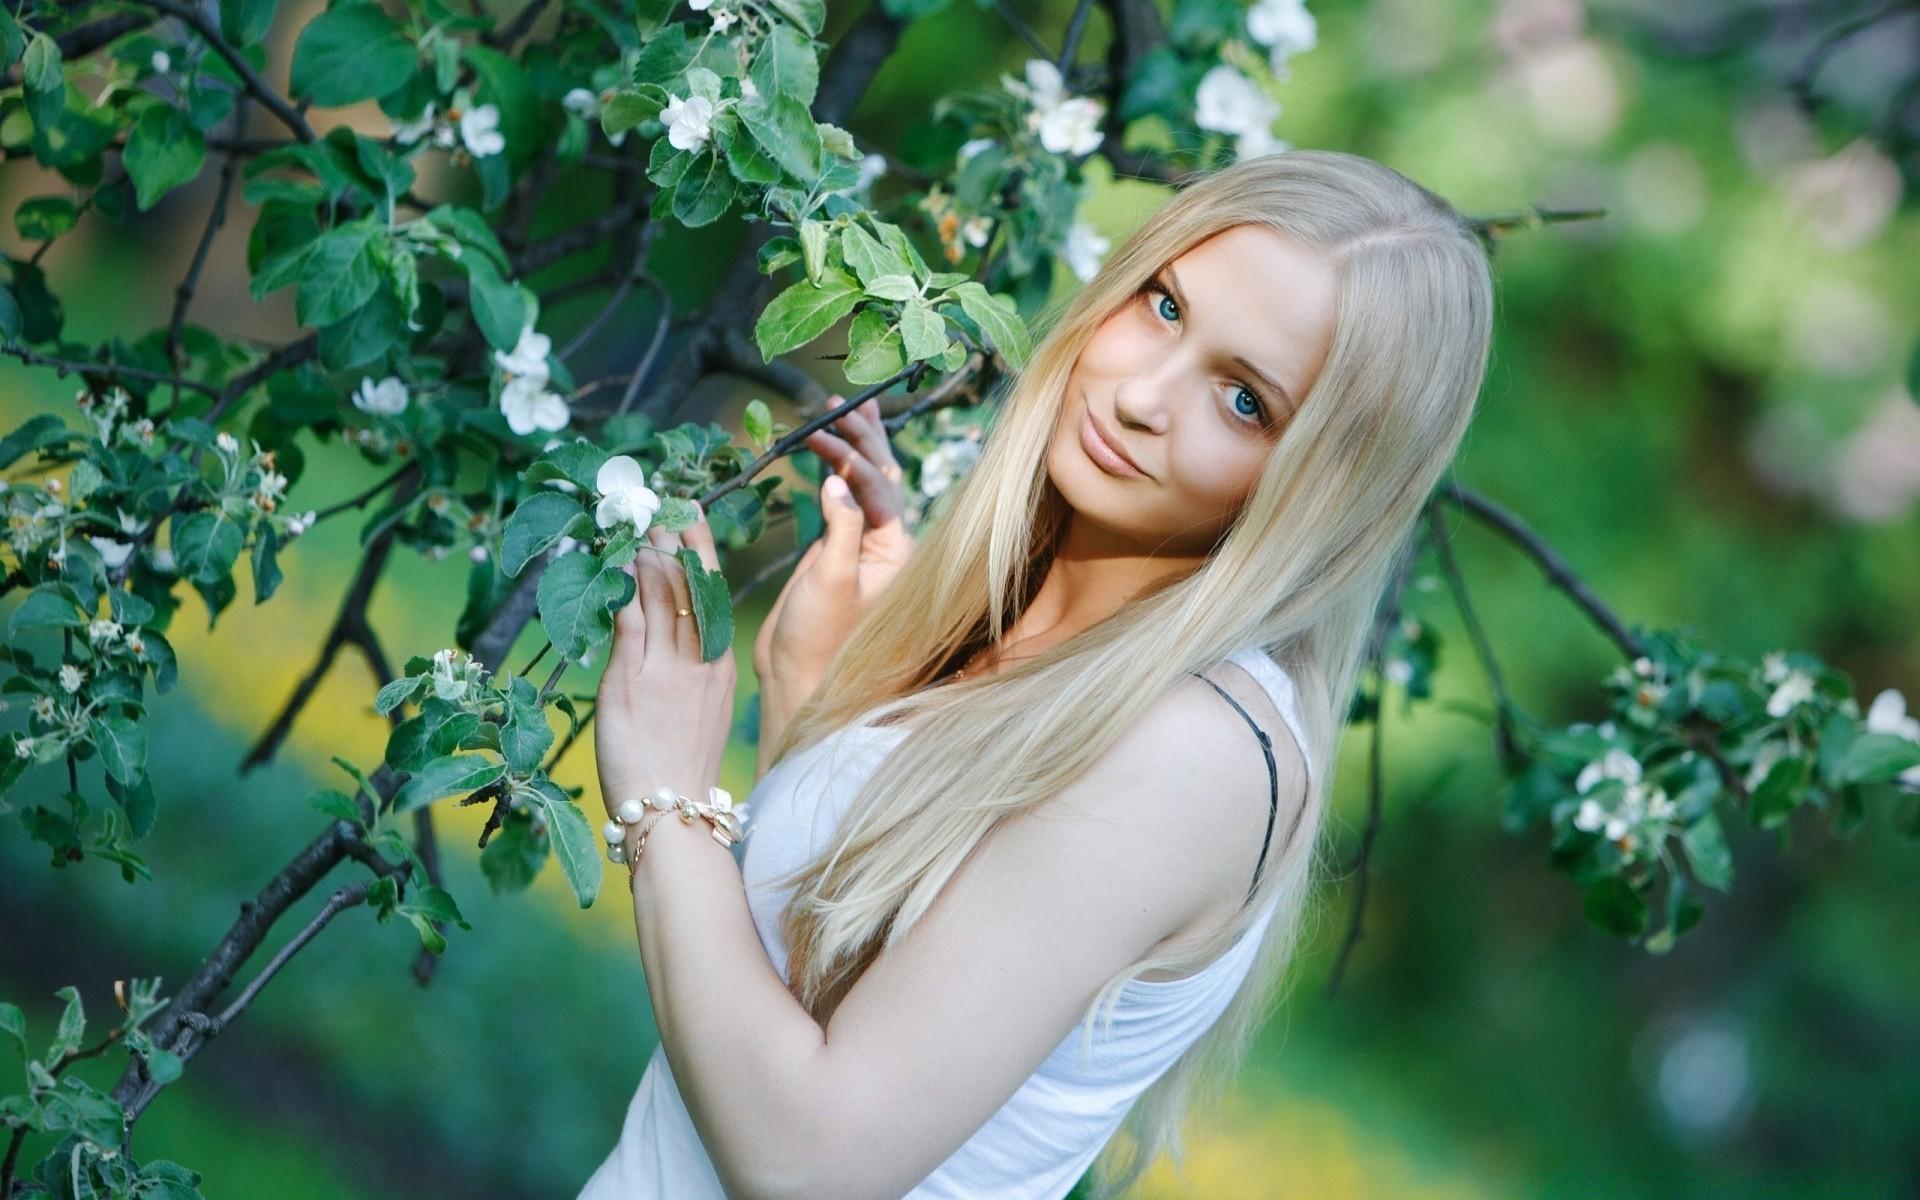 блондинки в кустах подскажете, какие